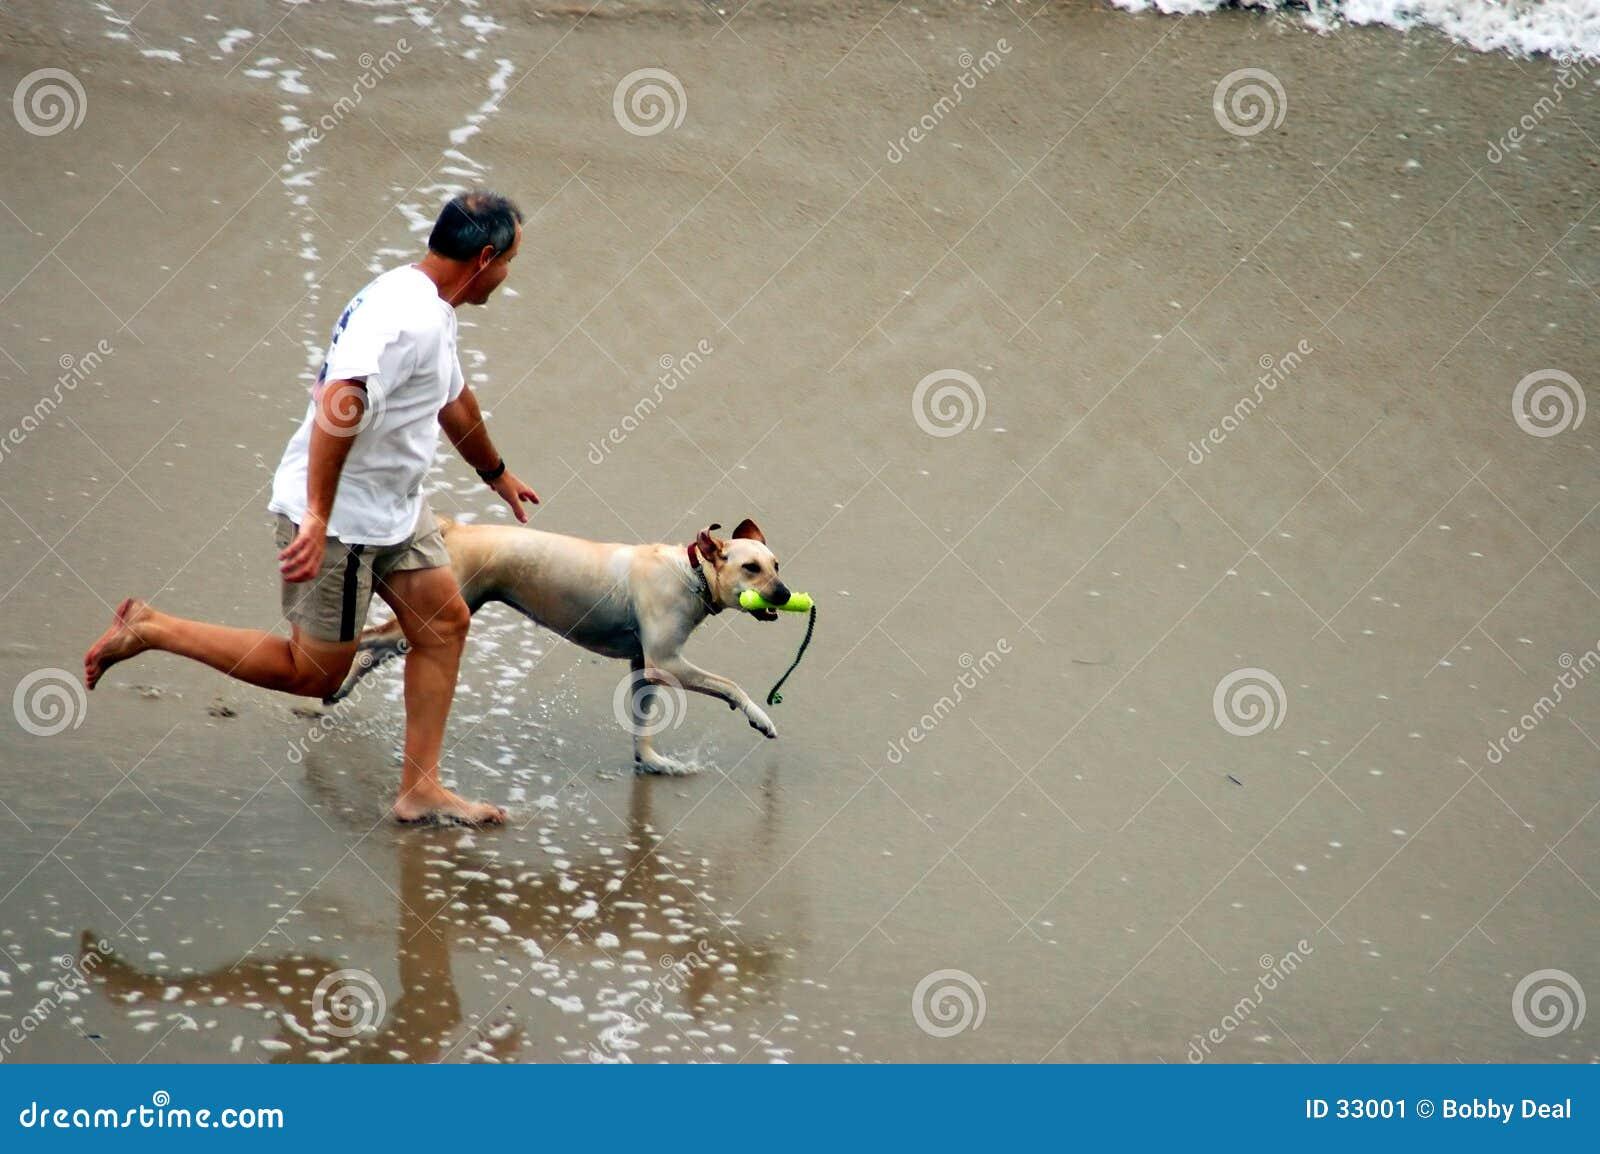 Download Hombre y perro en la playa imagen de archivo. Imagen de trote - 33001